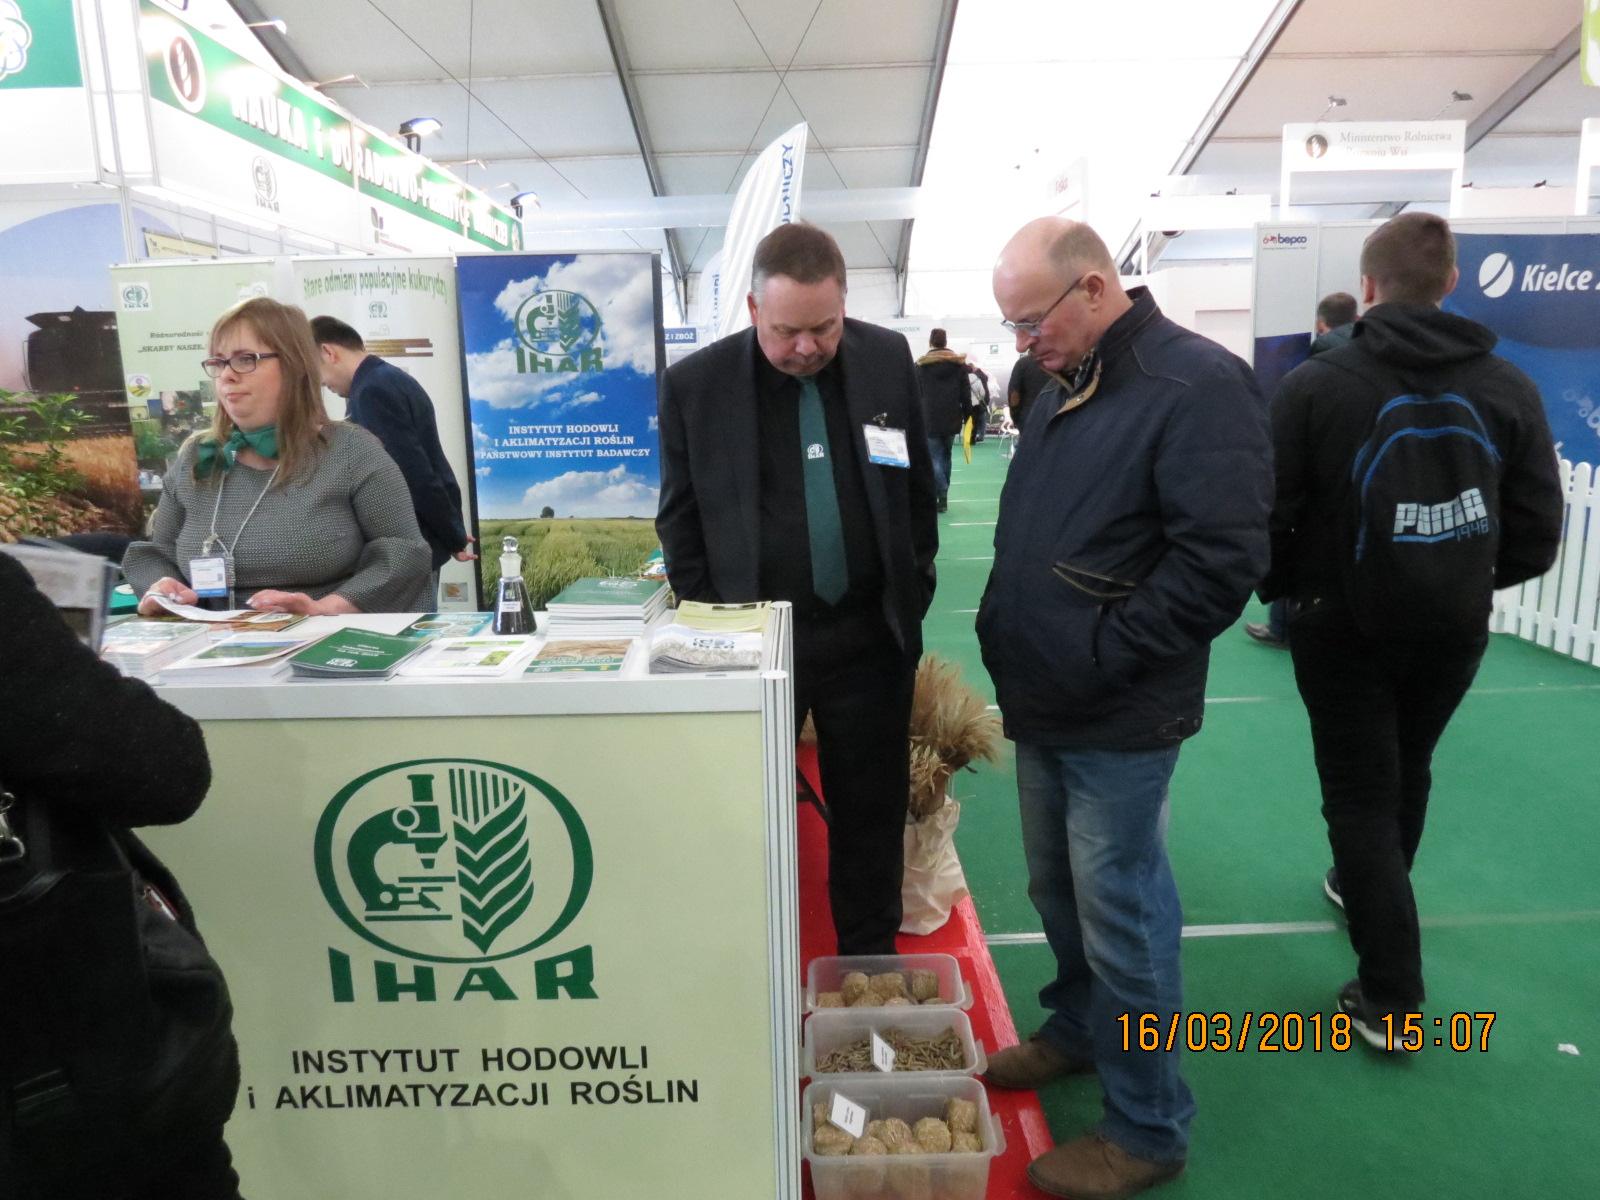 Instytut Hodowli i Aklimatyzacji Roślin - Państwowy Instytut Badawczy